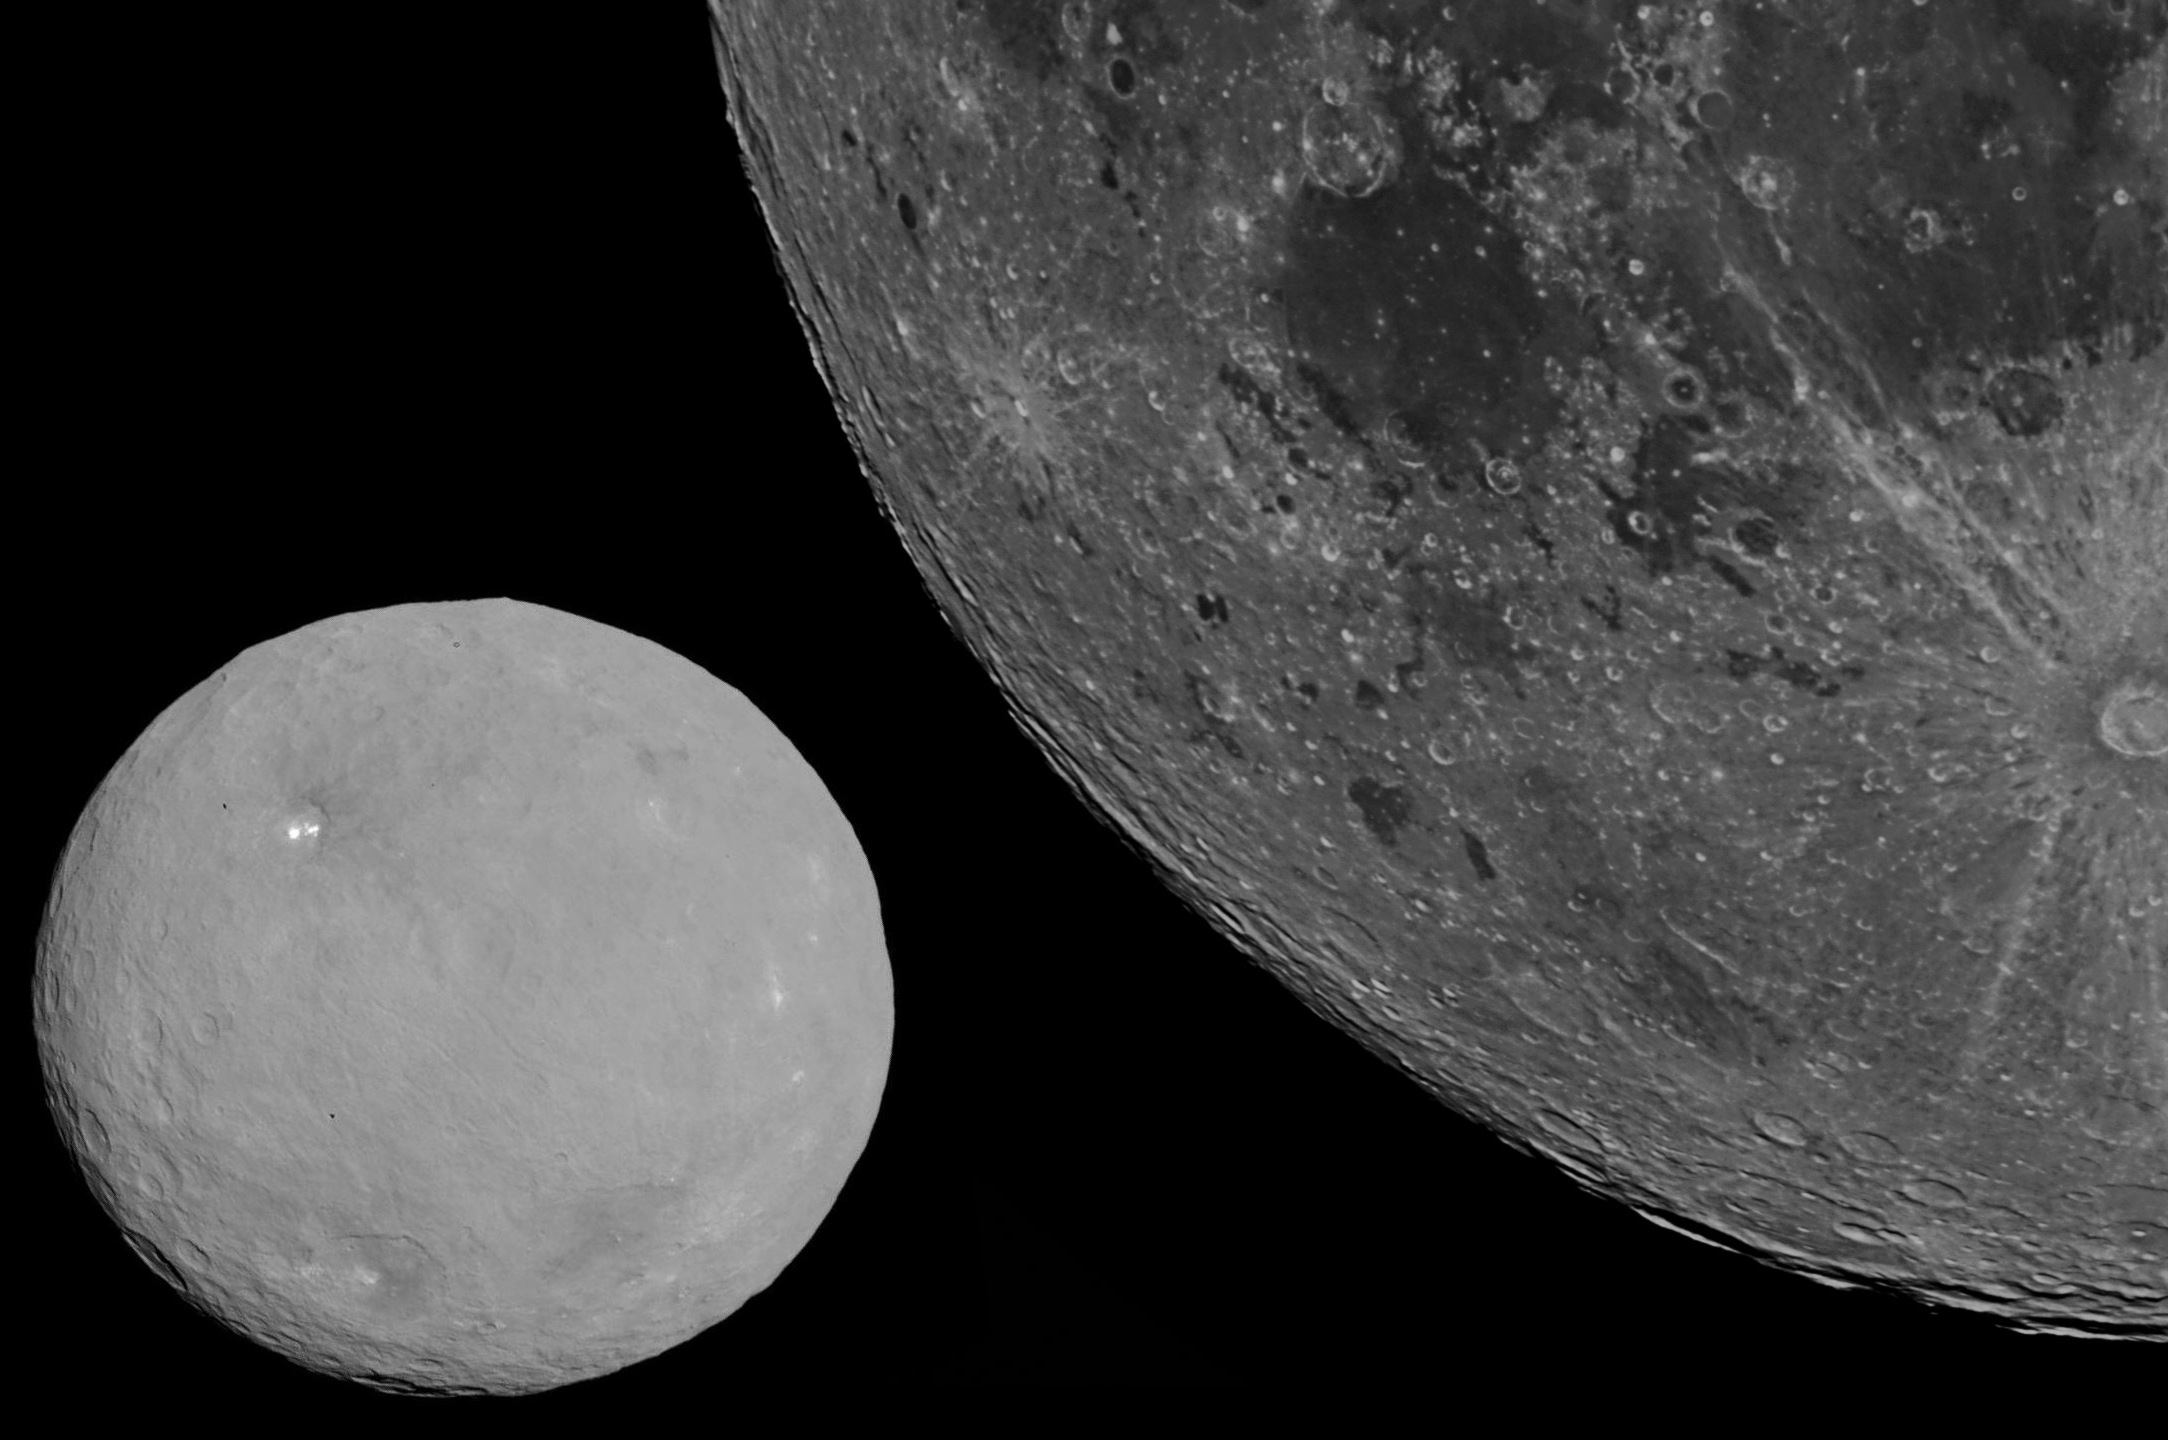 El planeta enano Ceres en comparación con la Luna